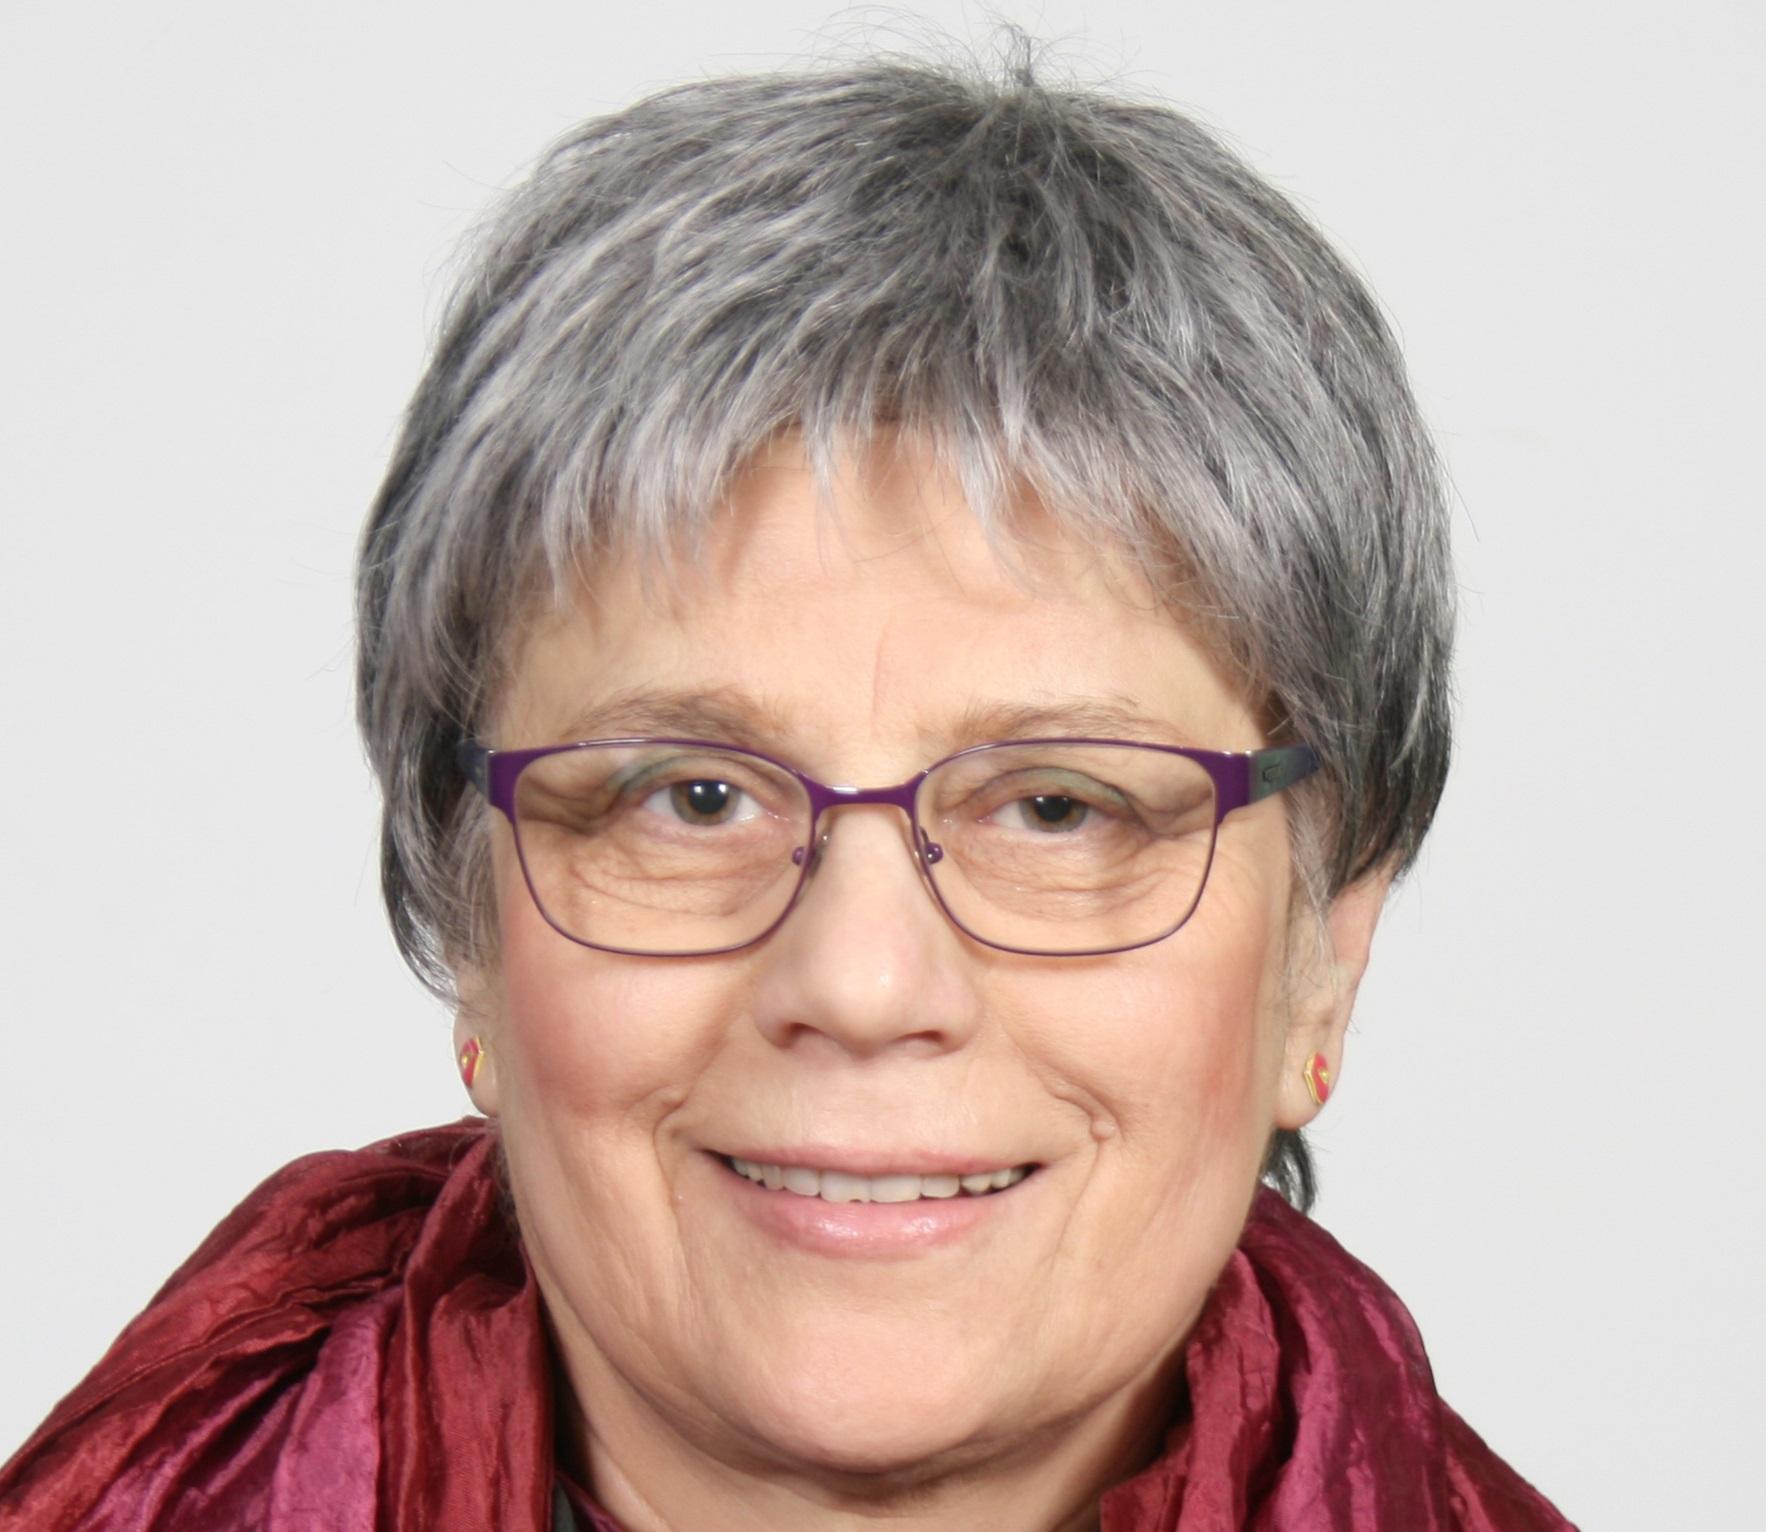 Η κα Κατερίνα Αναγνώστου είναι συγγραφέας παιδικής λογοτεχνίας